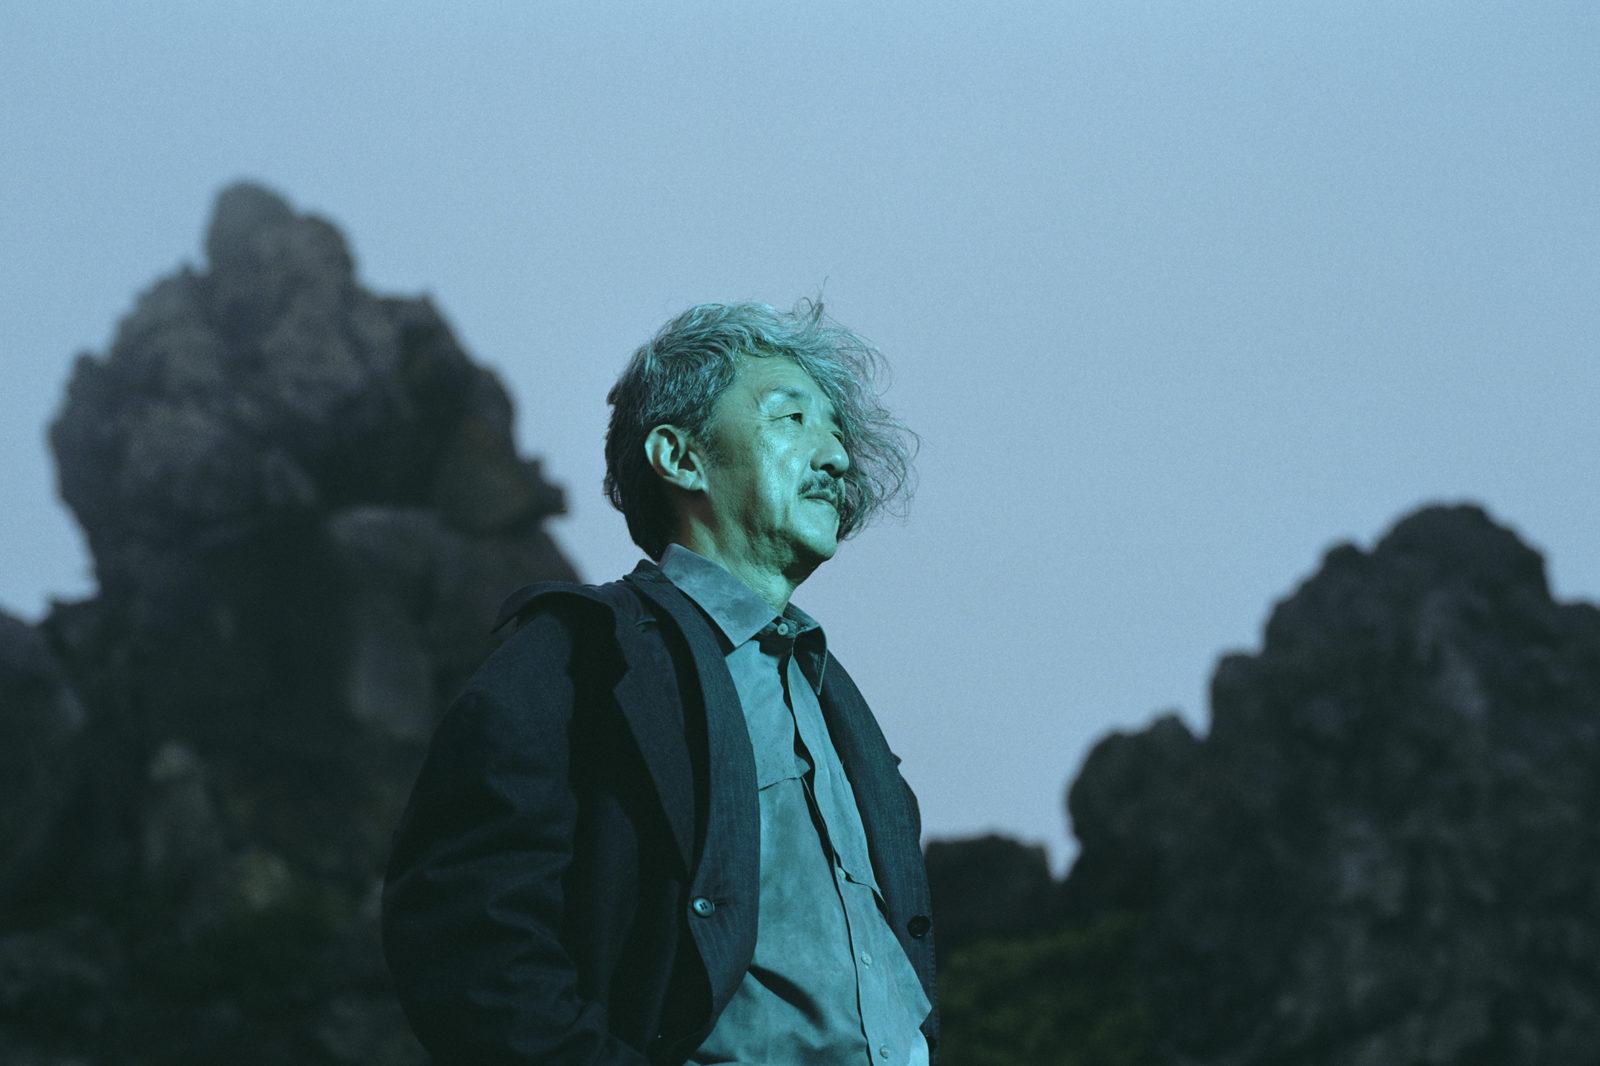 井上 鑑11年ぶりのオリジナルアルバム「OSTINATO」、編曲作品集「Seeing」is「Believing」収録内容ジャケット写真公開サムネイル画像